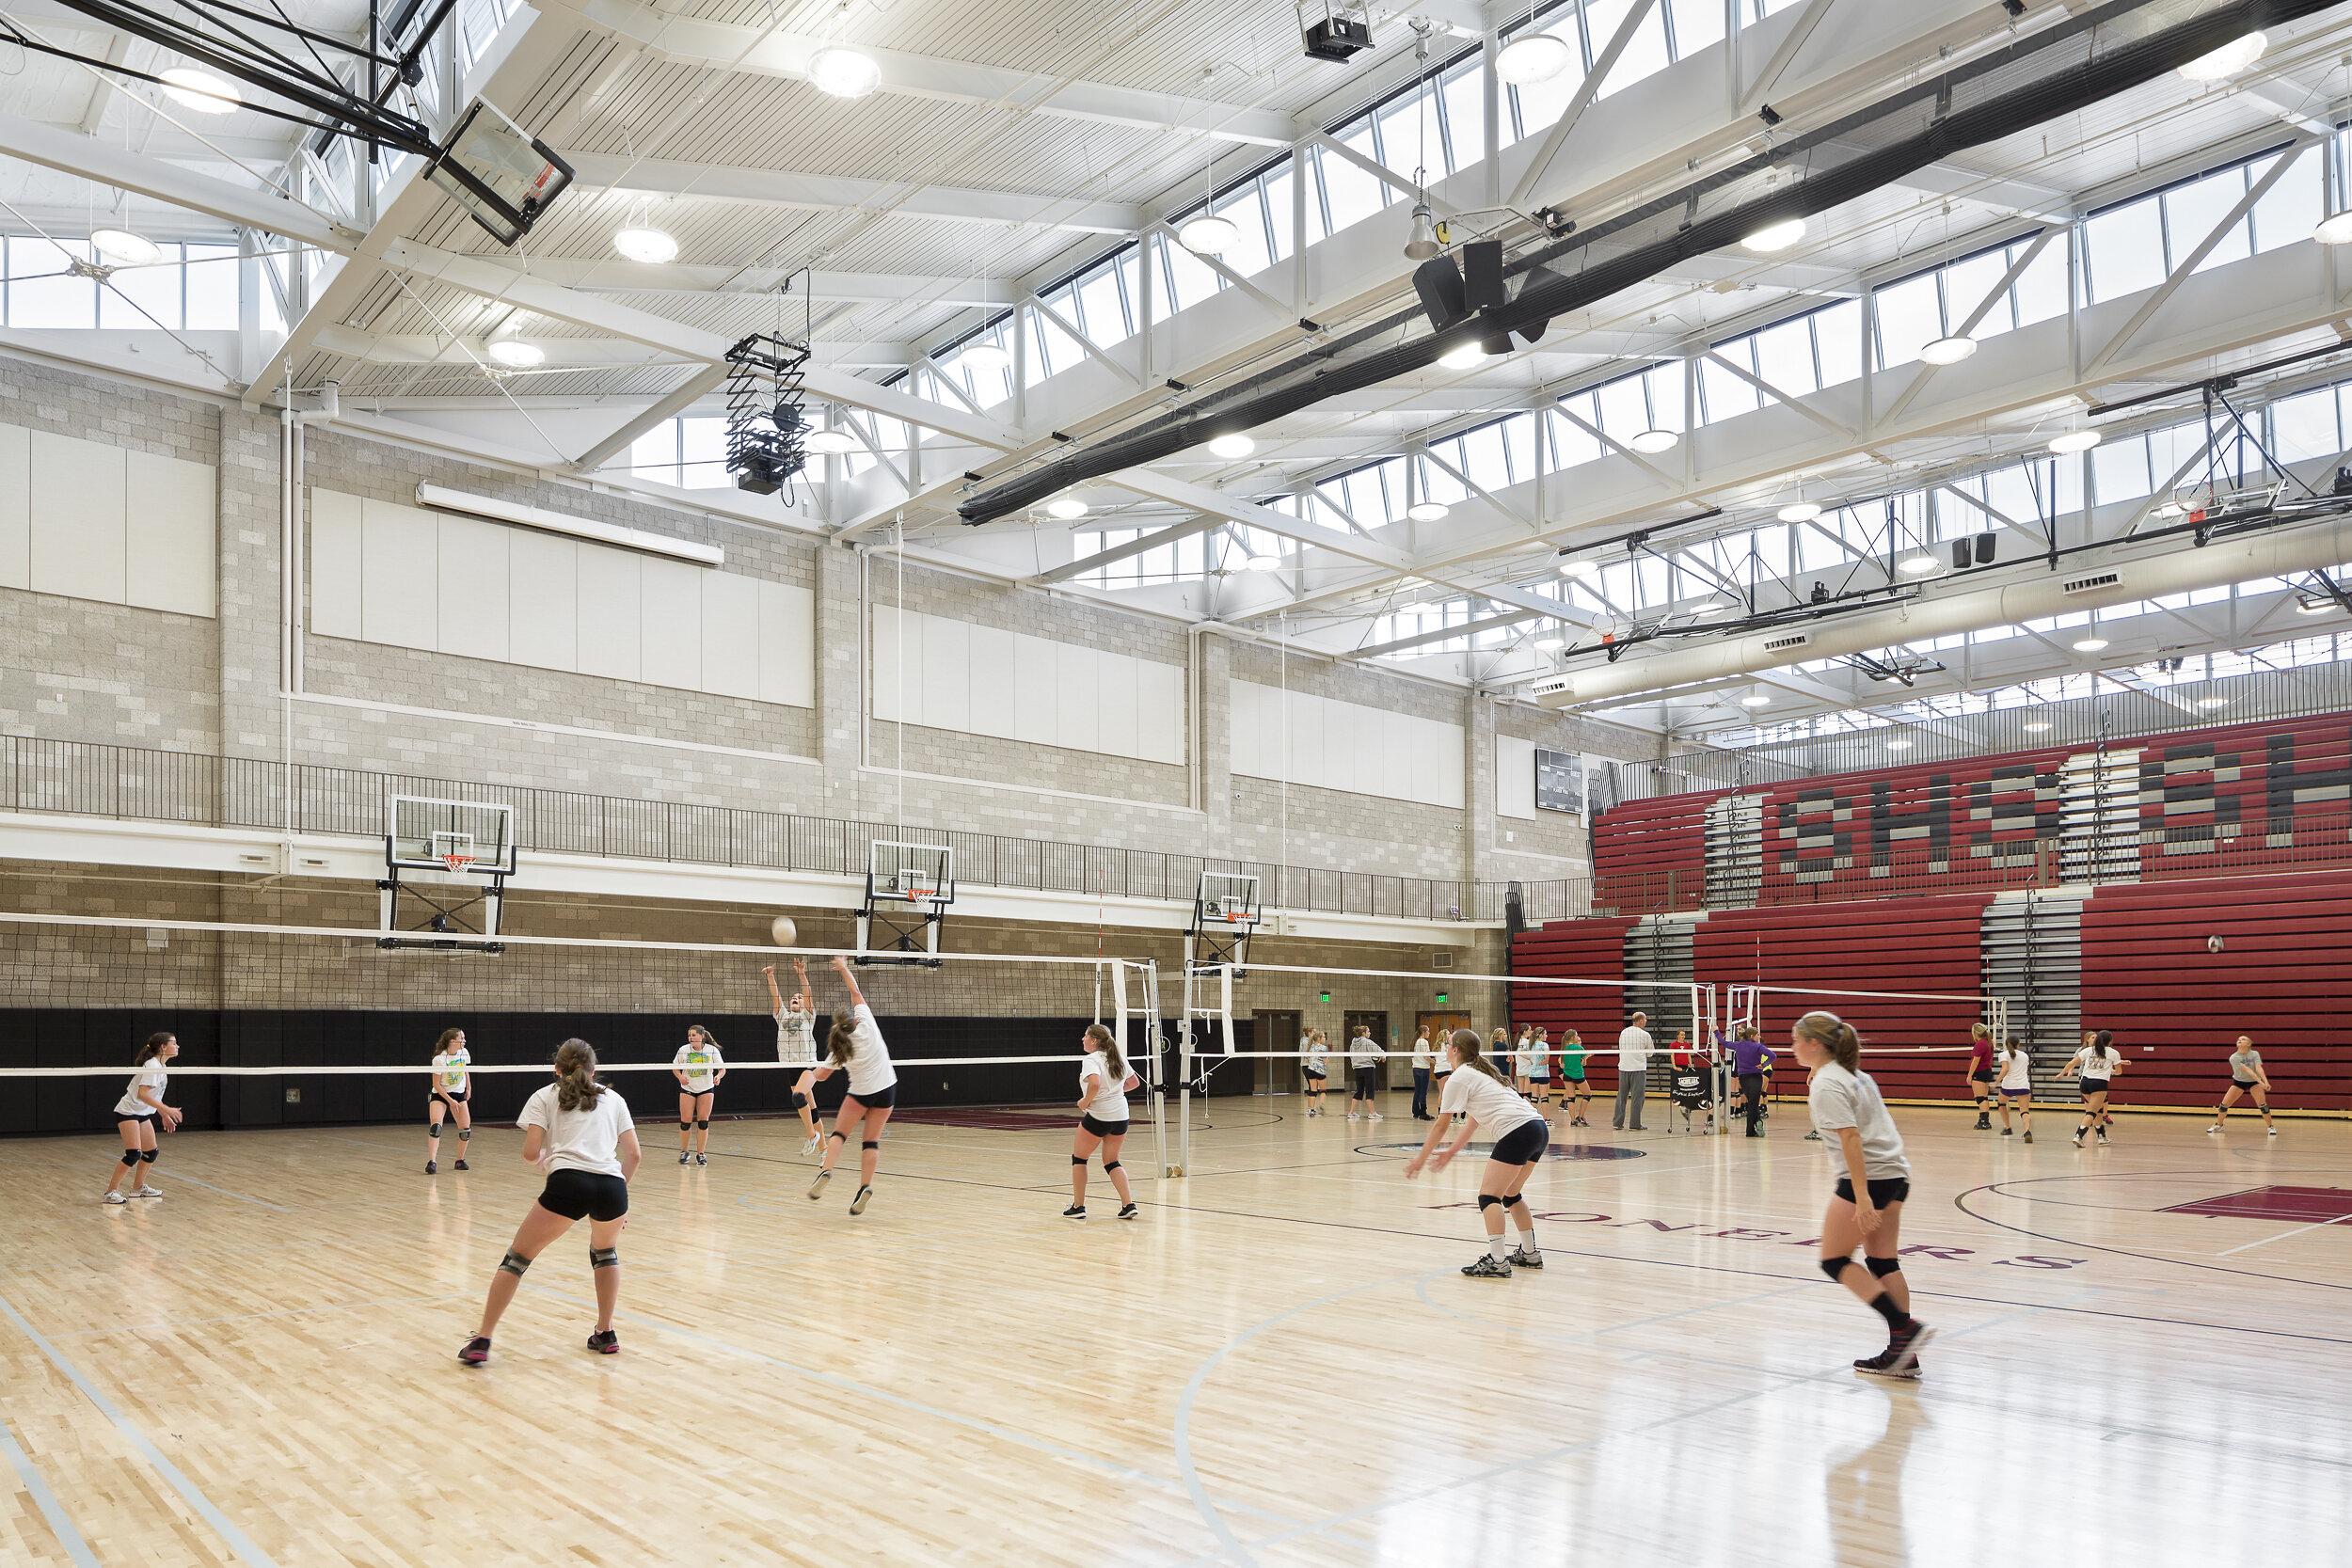 57-SandyHS-JoshPartee-3712-gym-volleyball.jpg